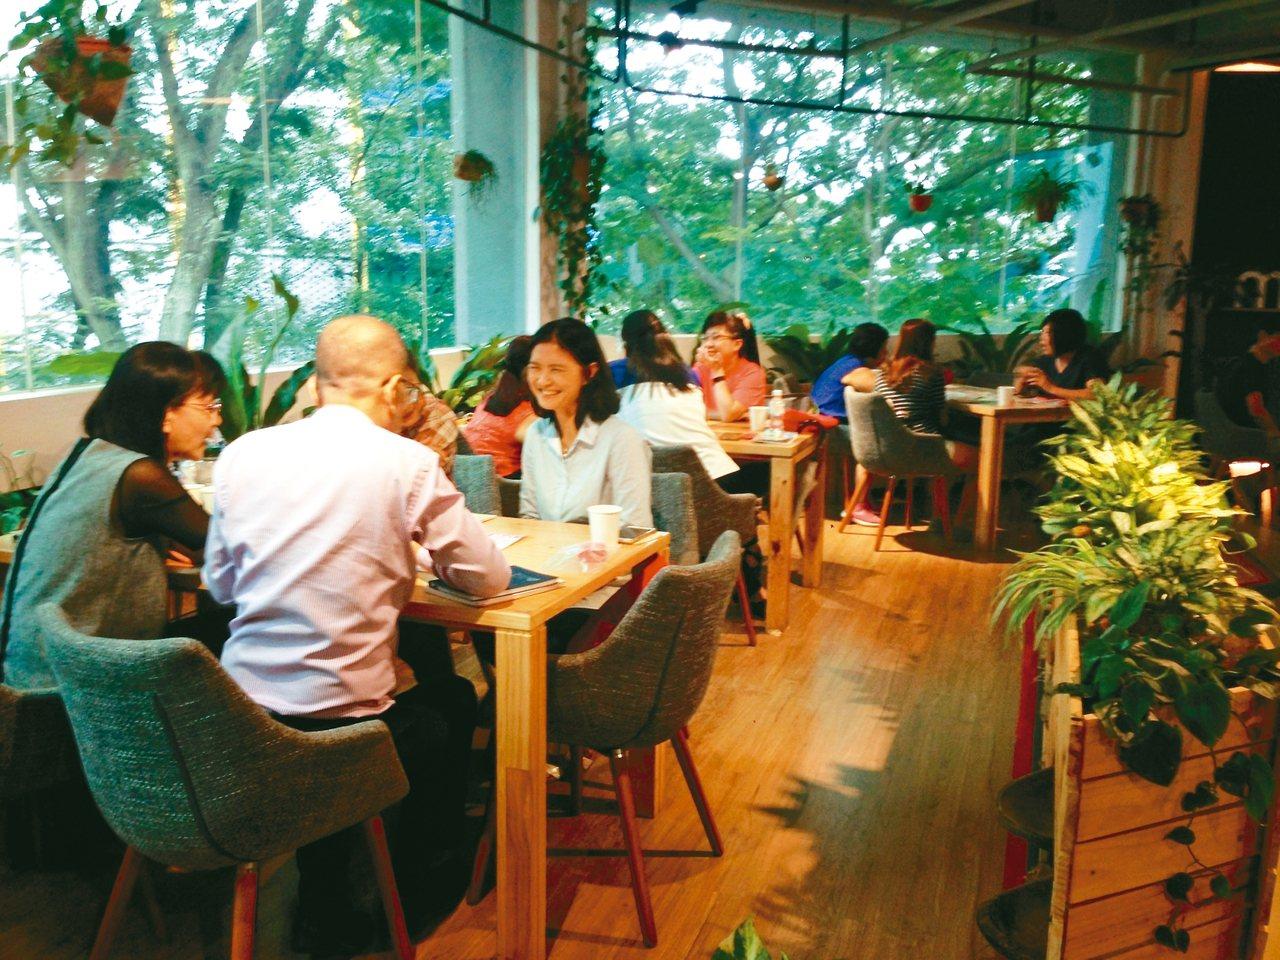 2014年郭慧娟將「死亡咖啡館」引進台灣,至今已辦了300多場活動。 圖╱郭慧娟...